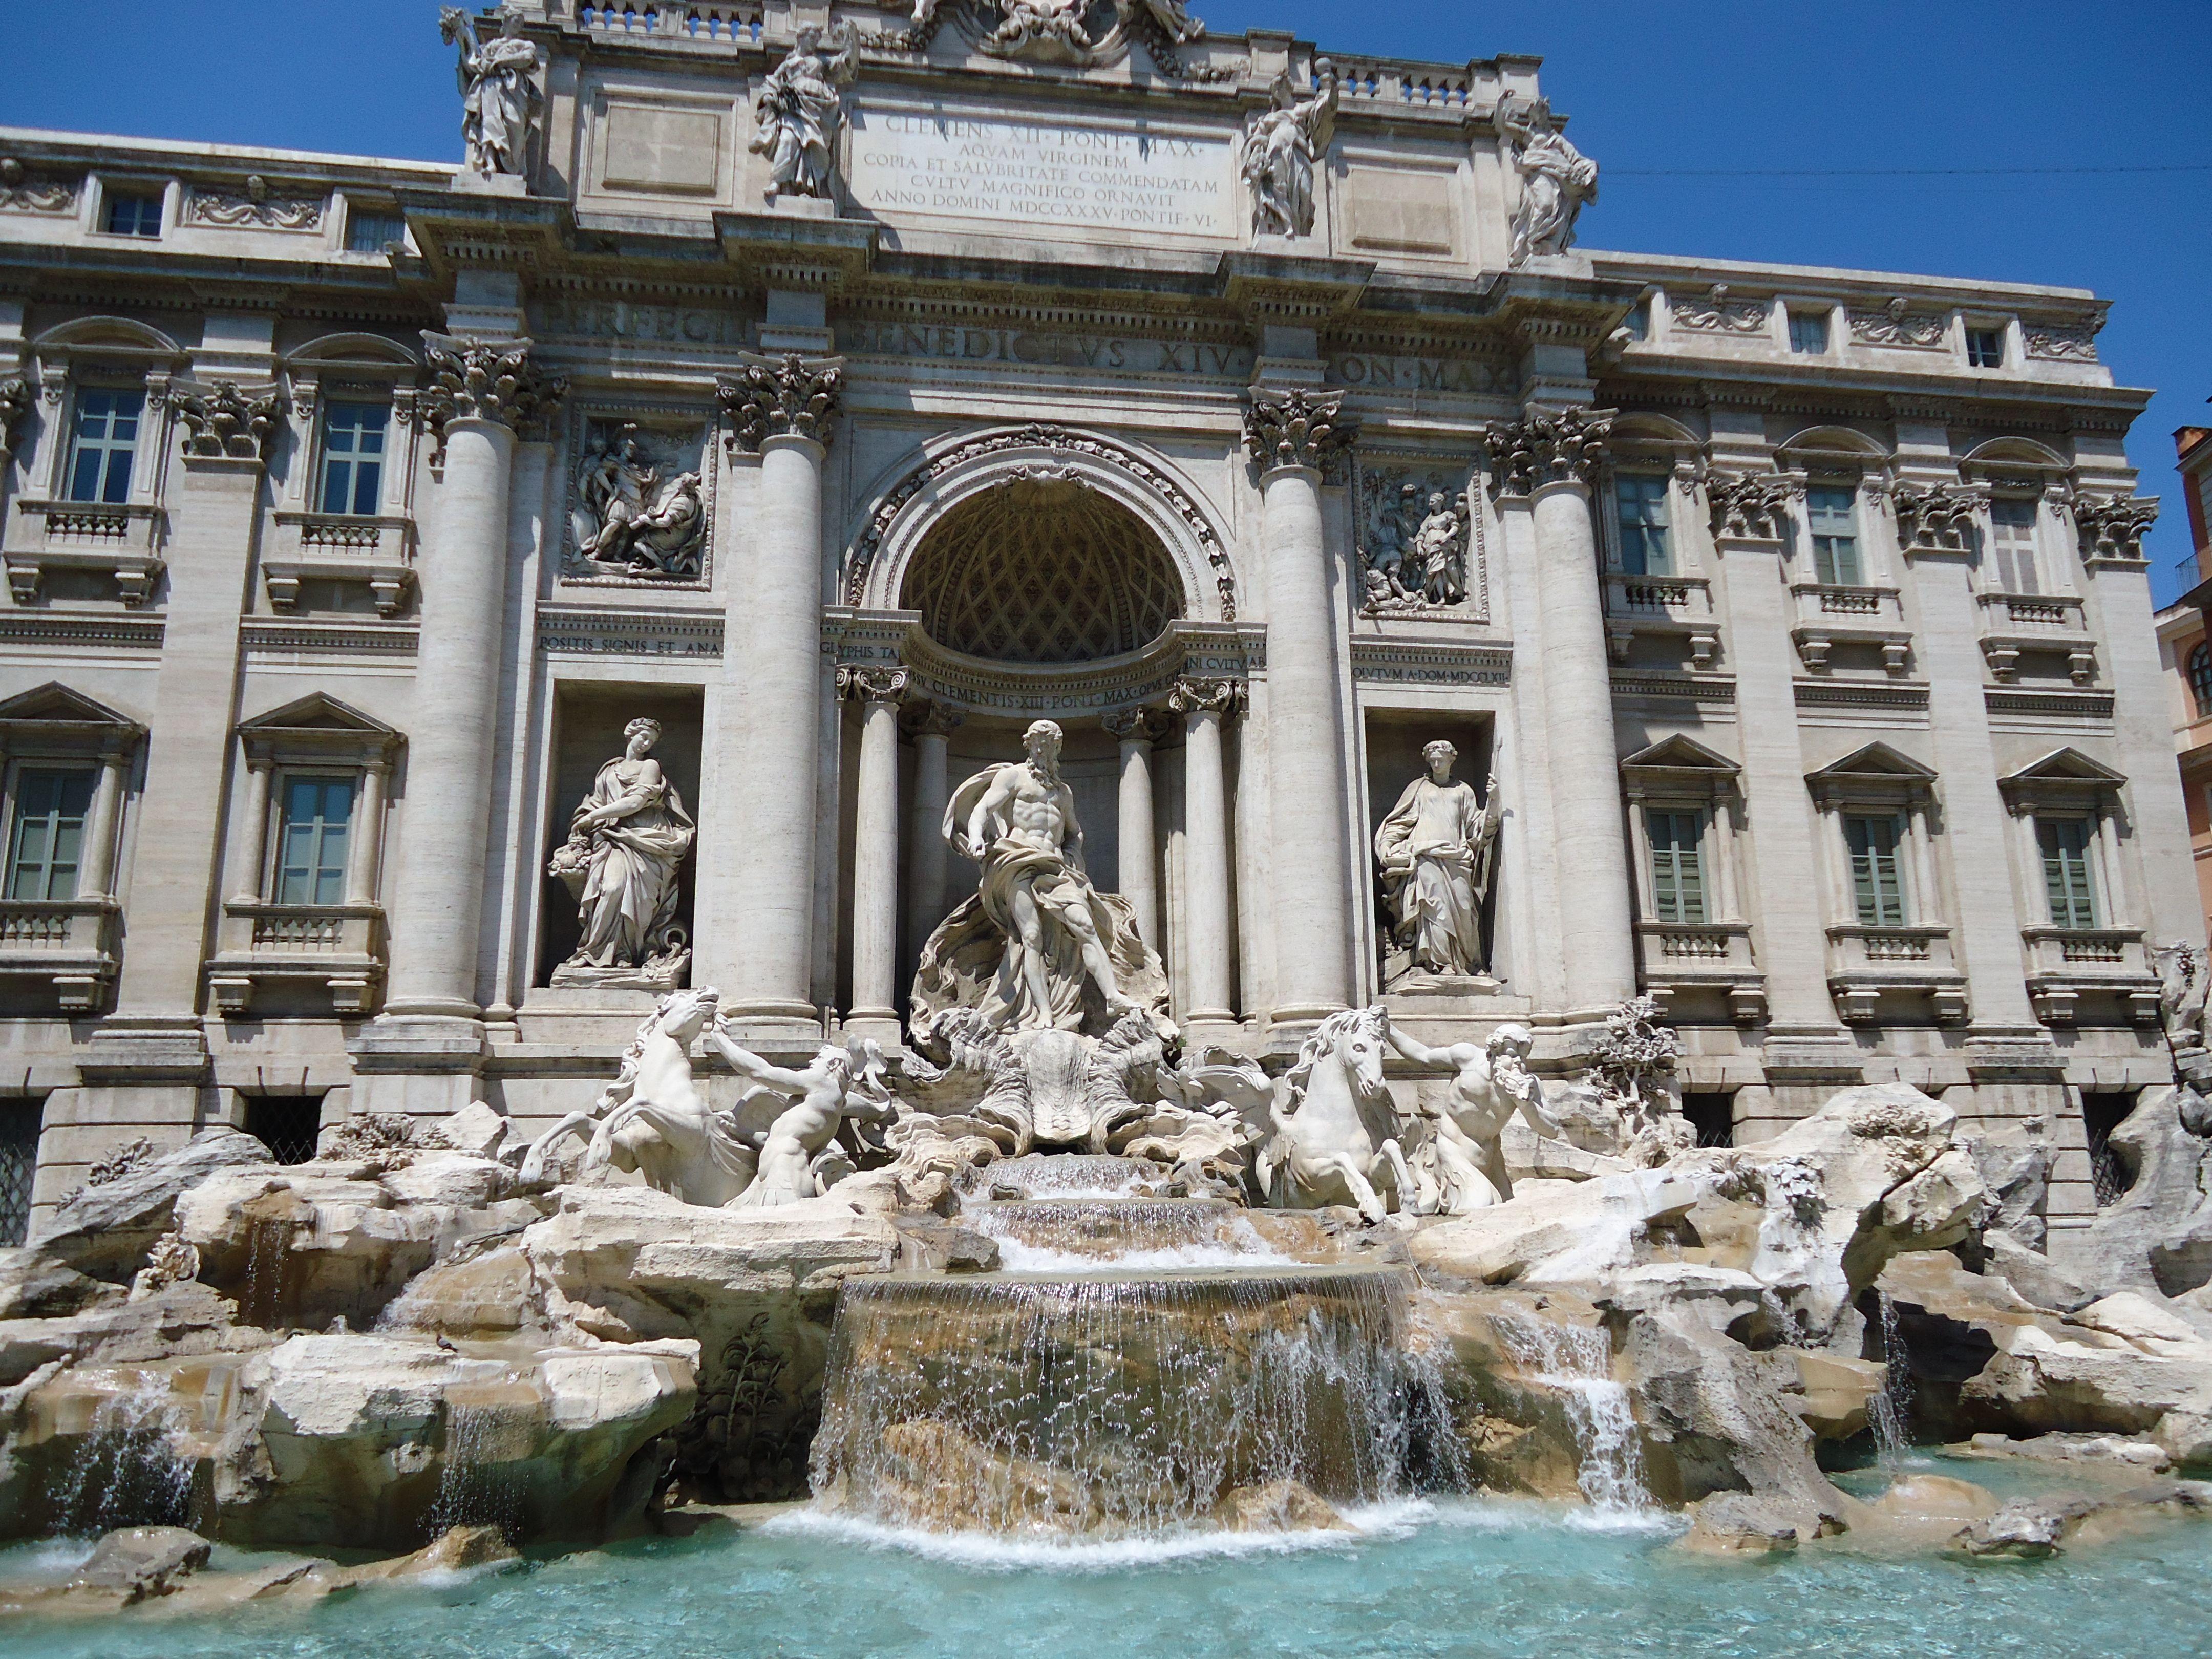 Dag 1 van een vierdaagse reis in Rome met als blikvangers het bezoeken van de Trevi fontein, het Pantheon en Via del Corso.